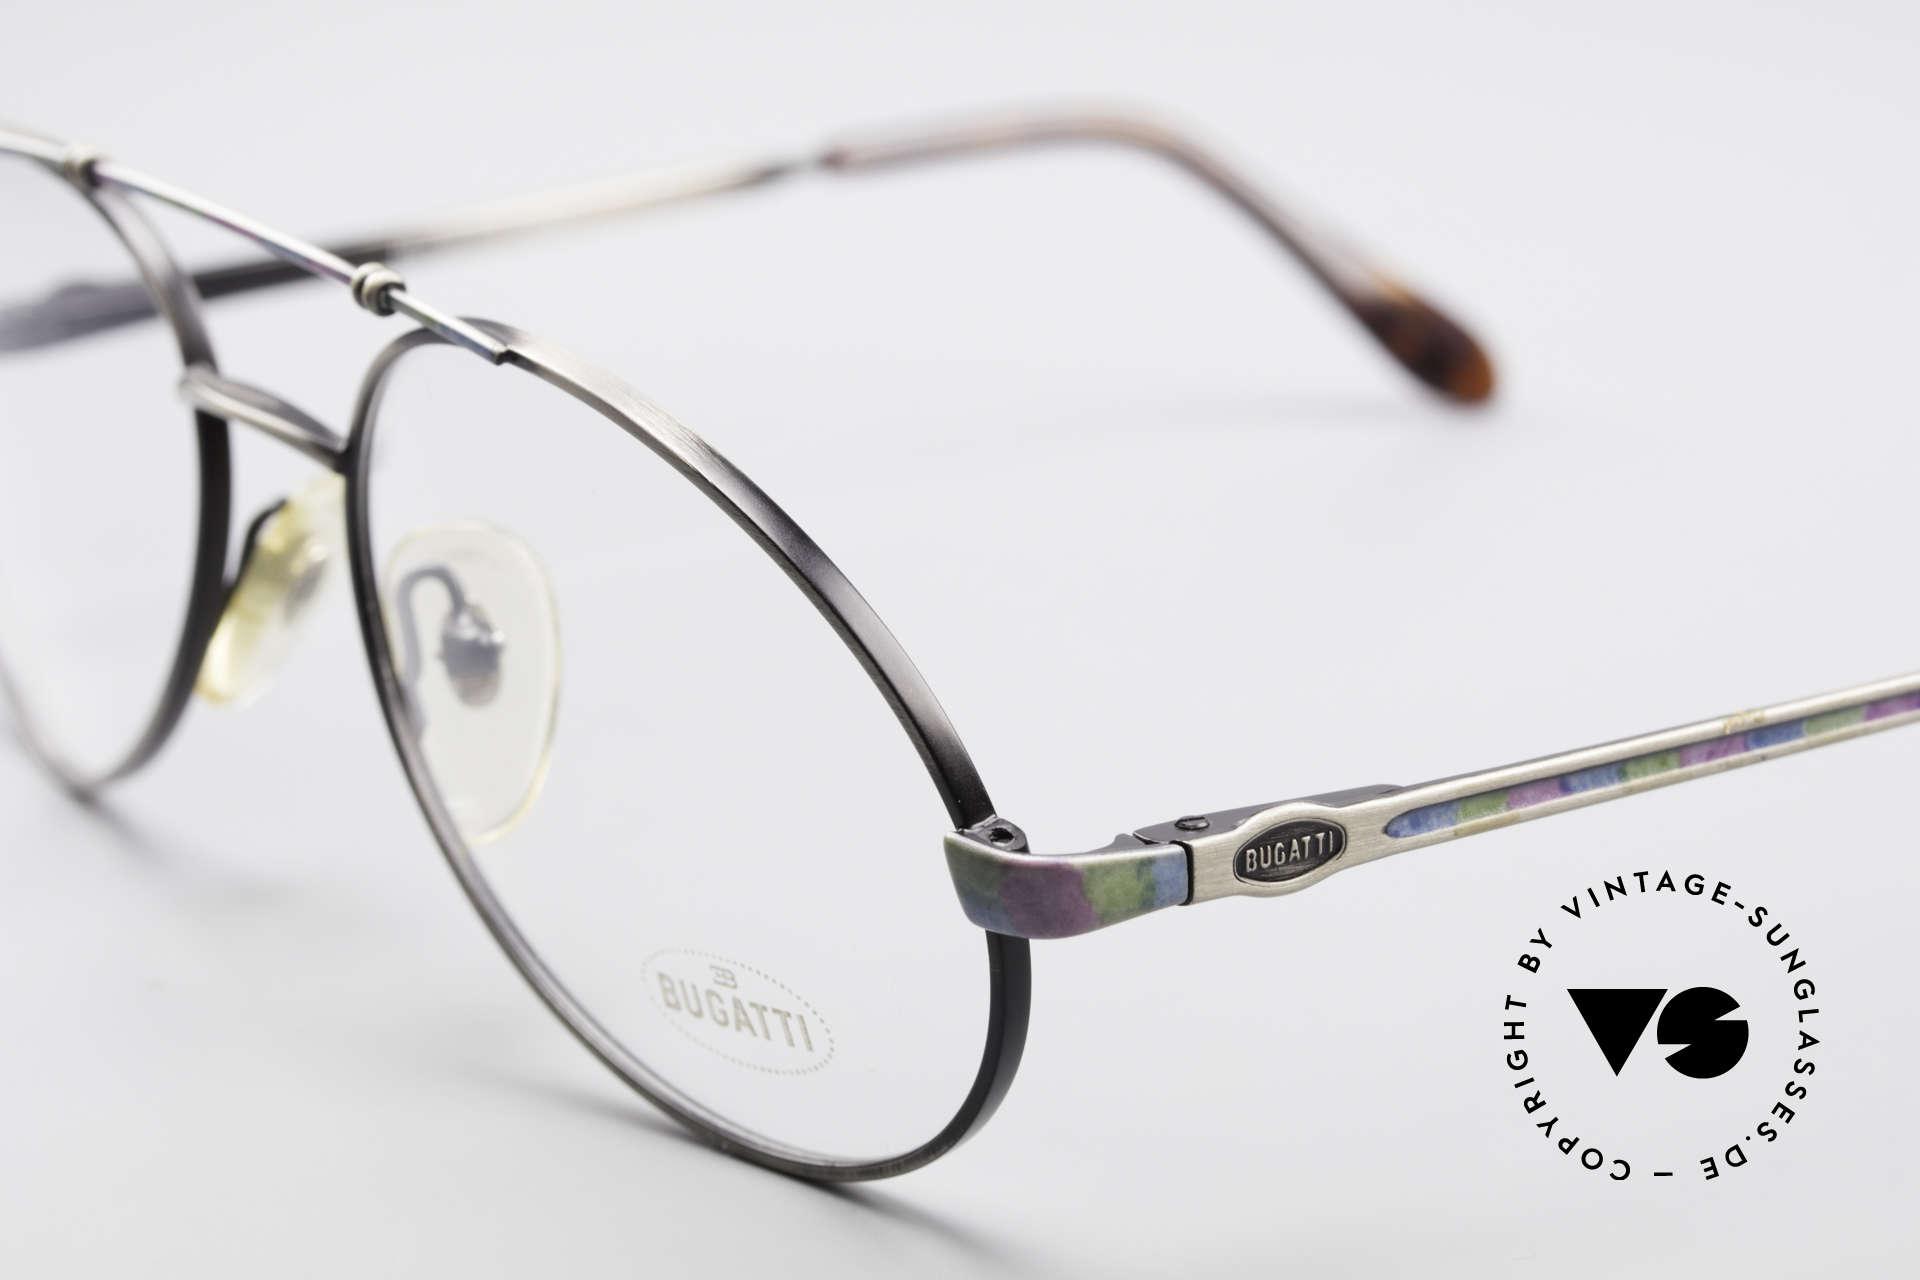 Bugatti 14841 Titanium 80er Vintage Brille, edle Rahmenlackierung: bunter Titanium-Schimmer, Passend für Herren